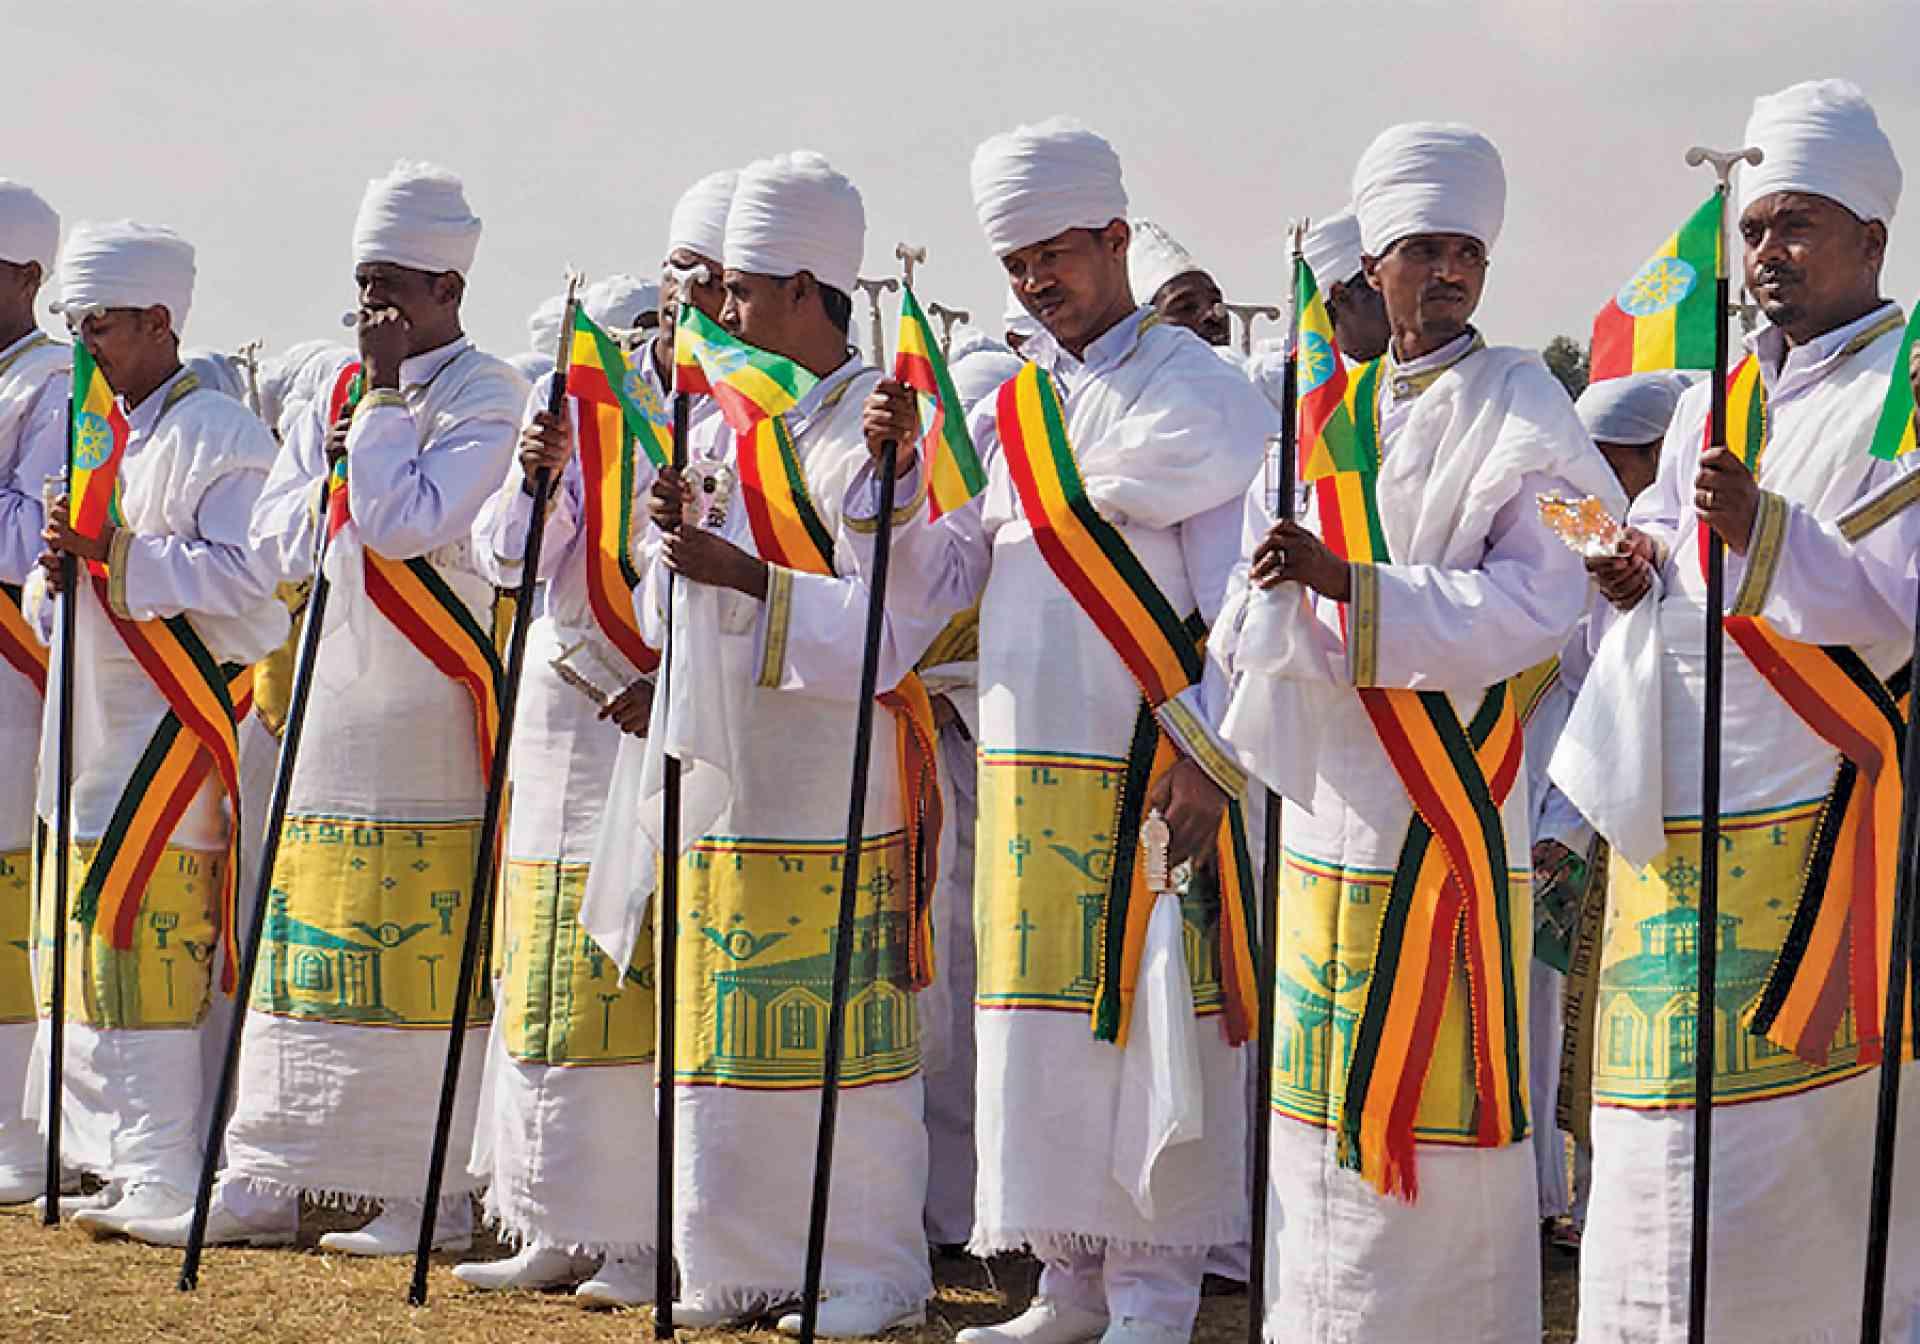 Timkat priests, Ethiopia